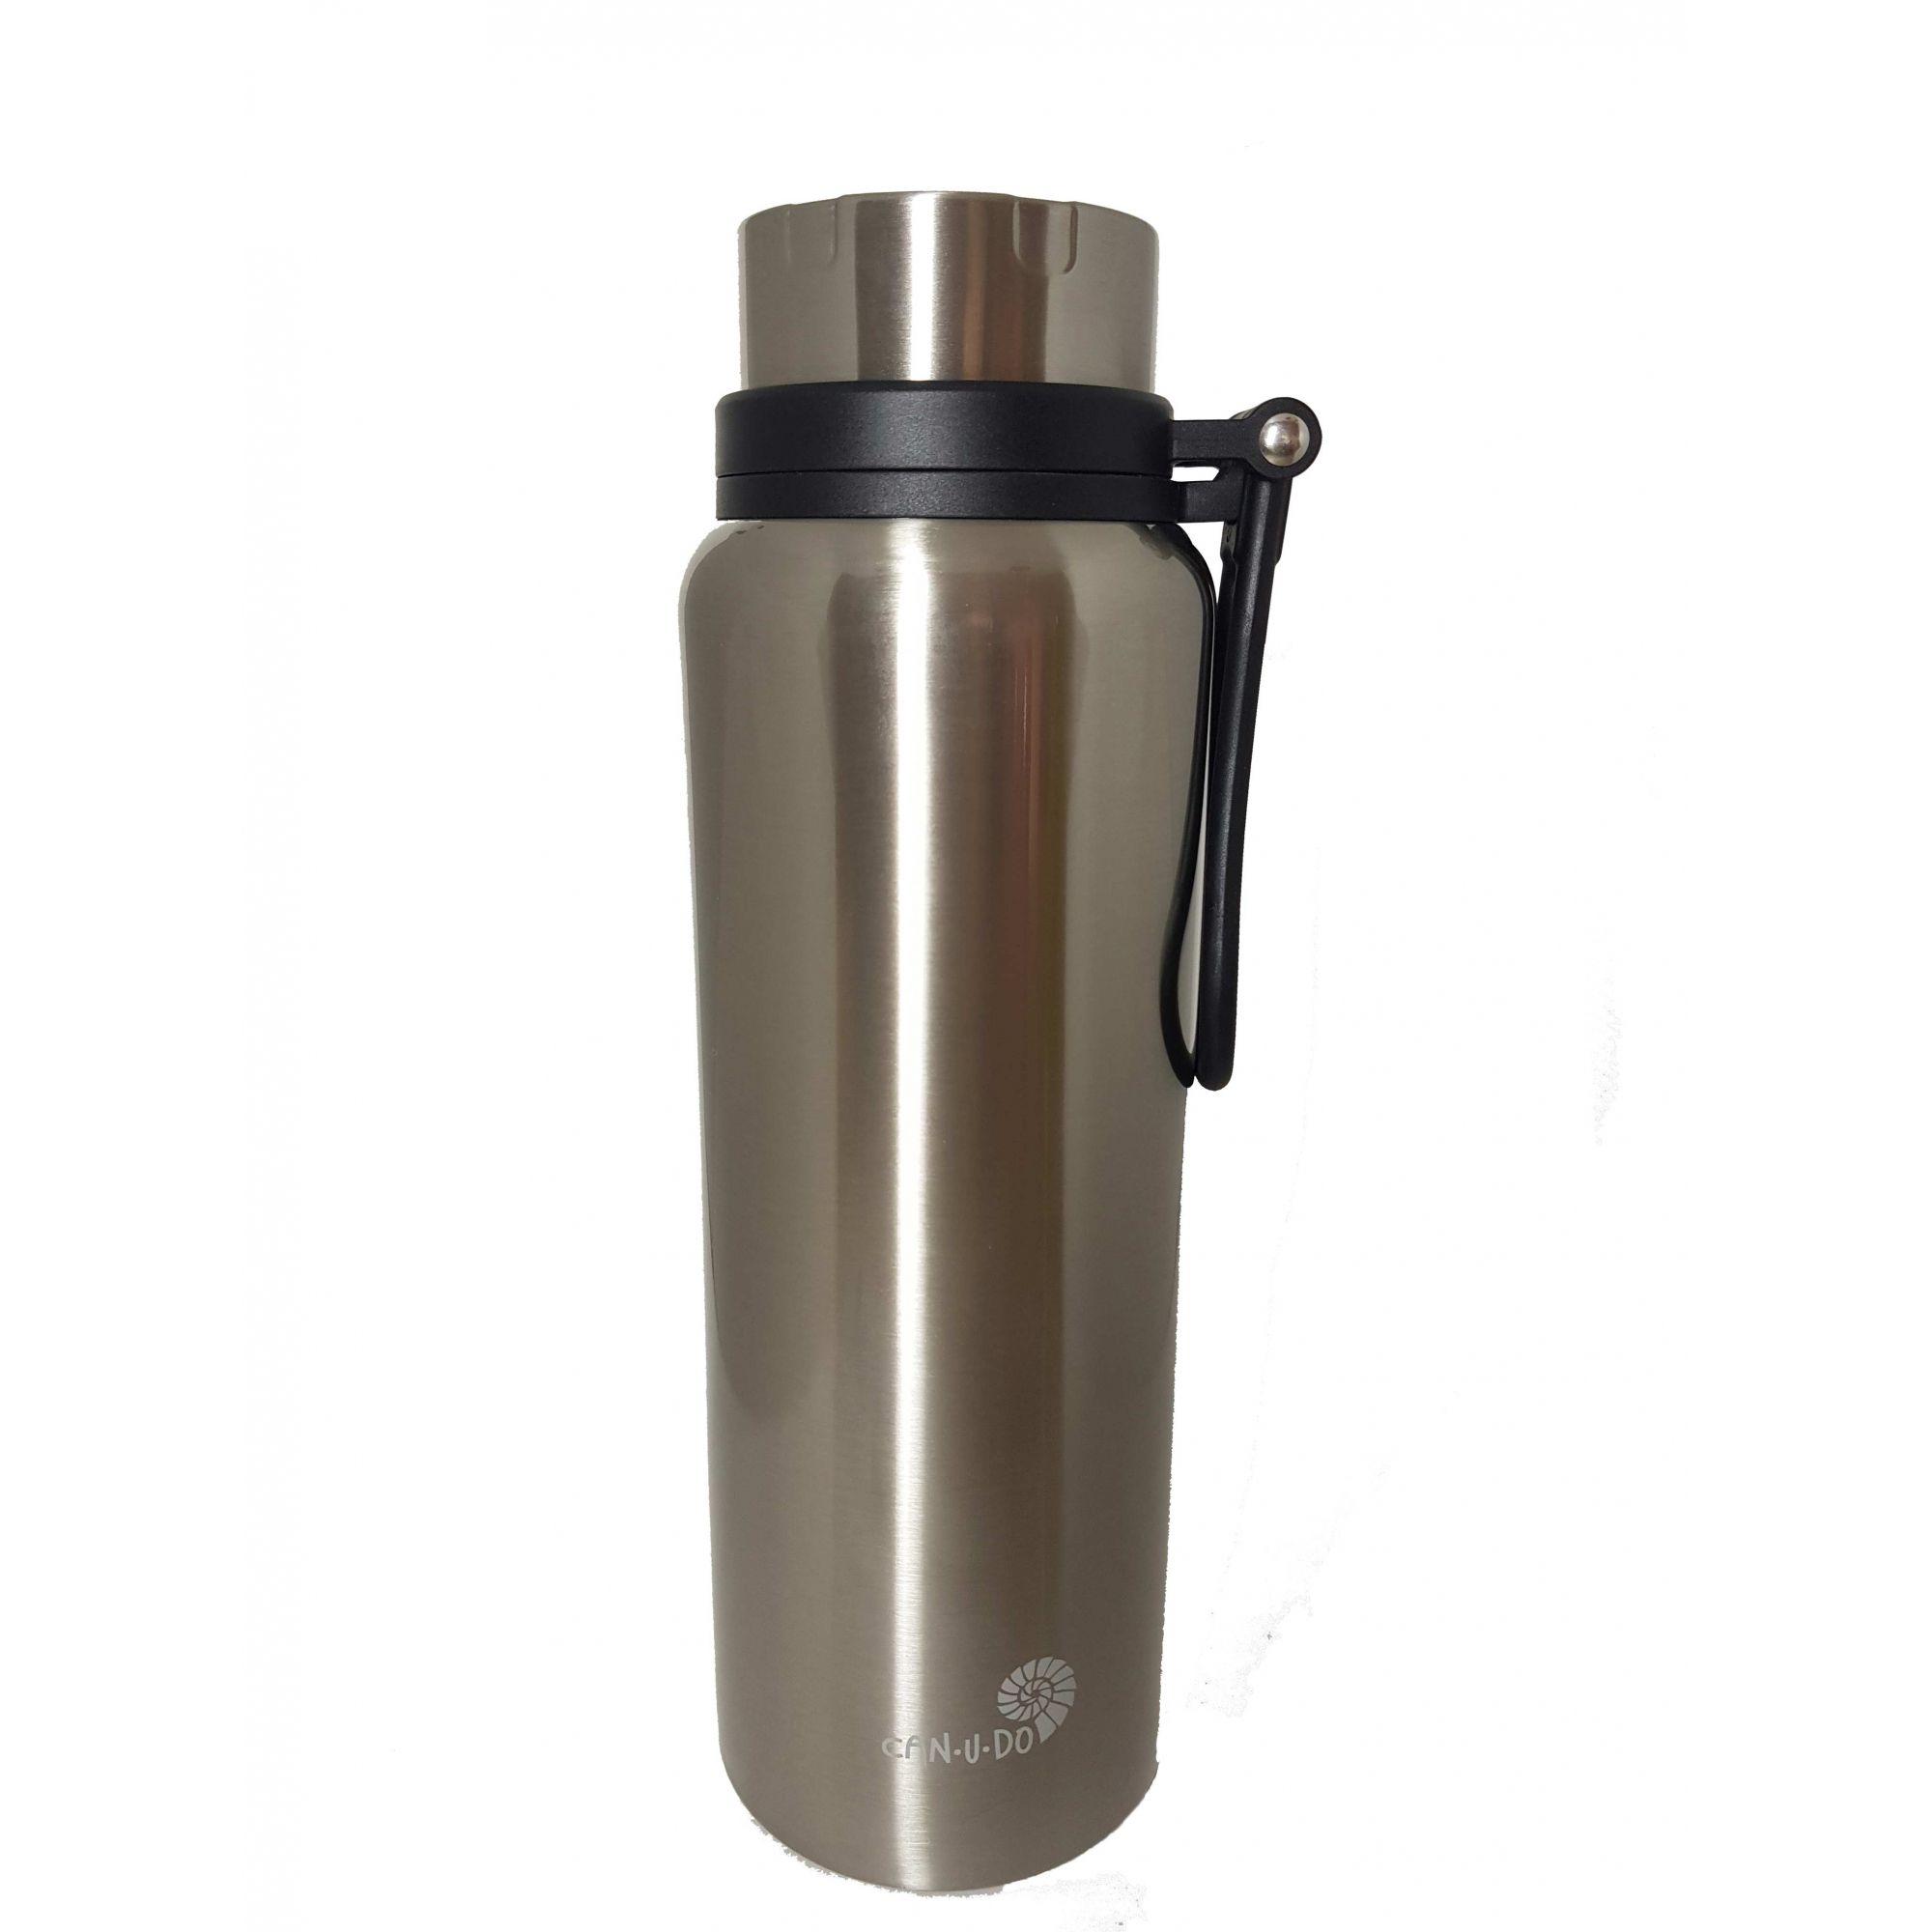 Garrafa Térmica de Inox - 1,2L - Prata